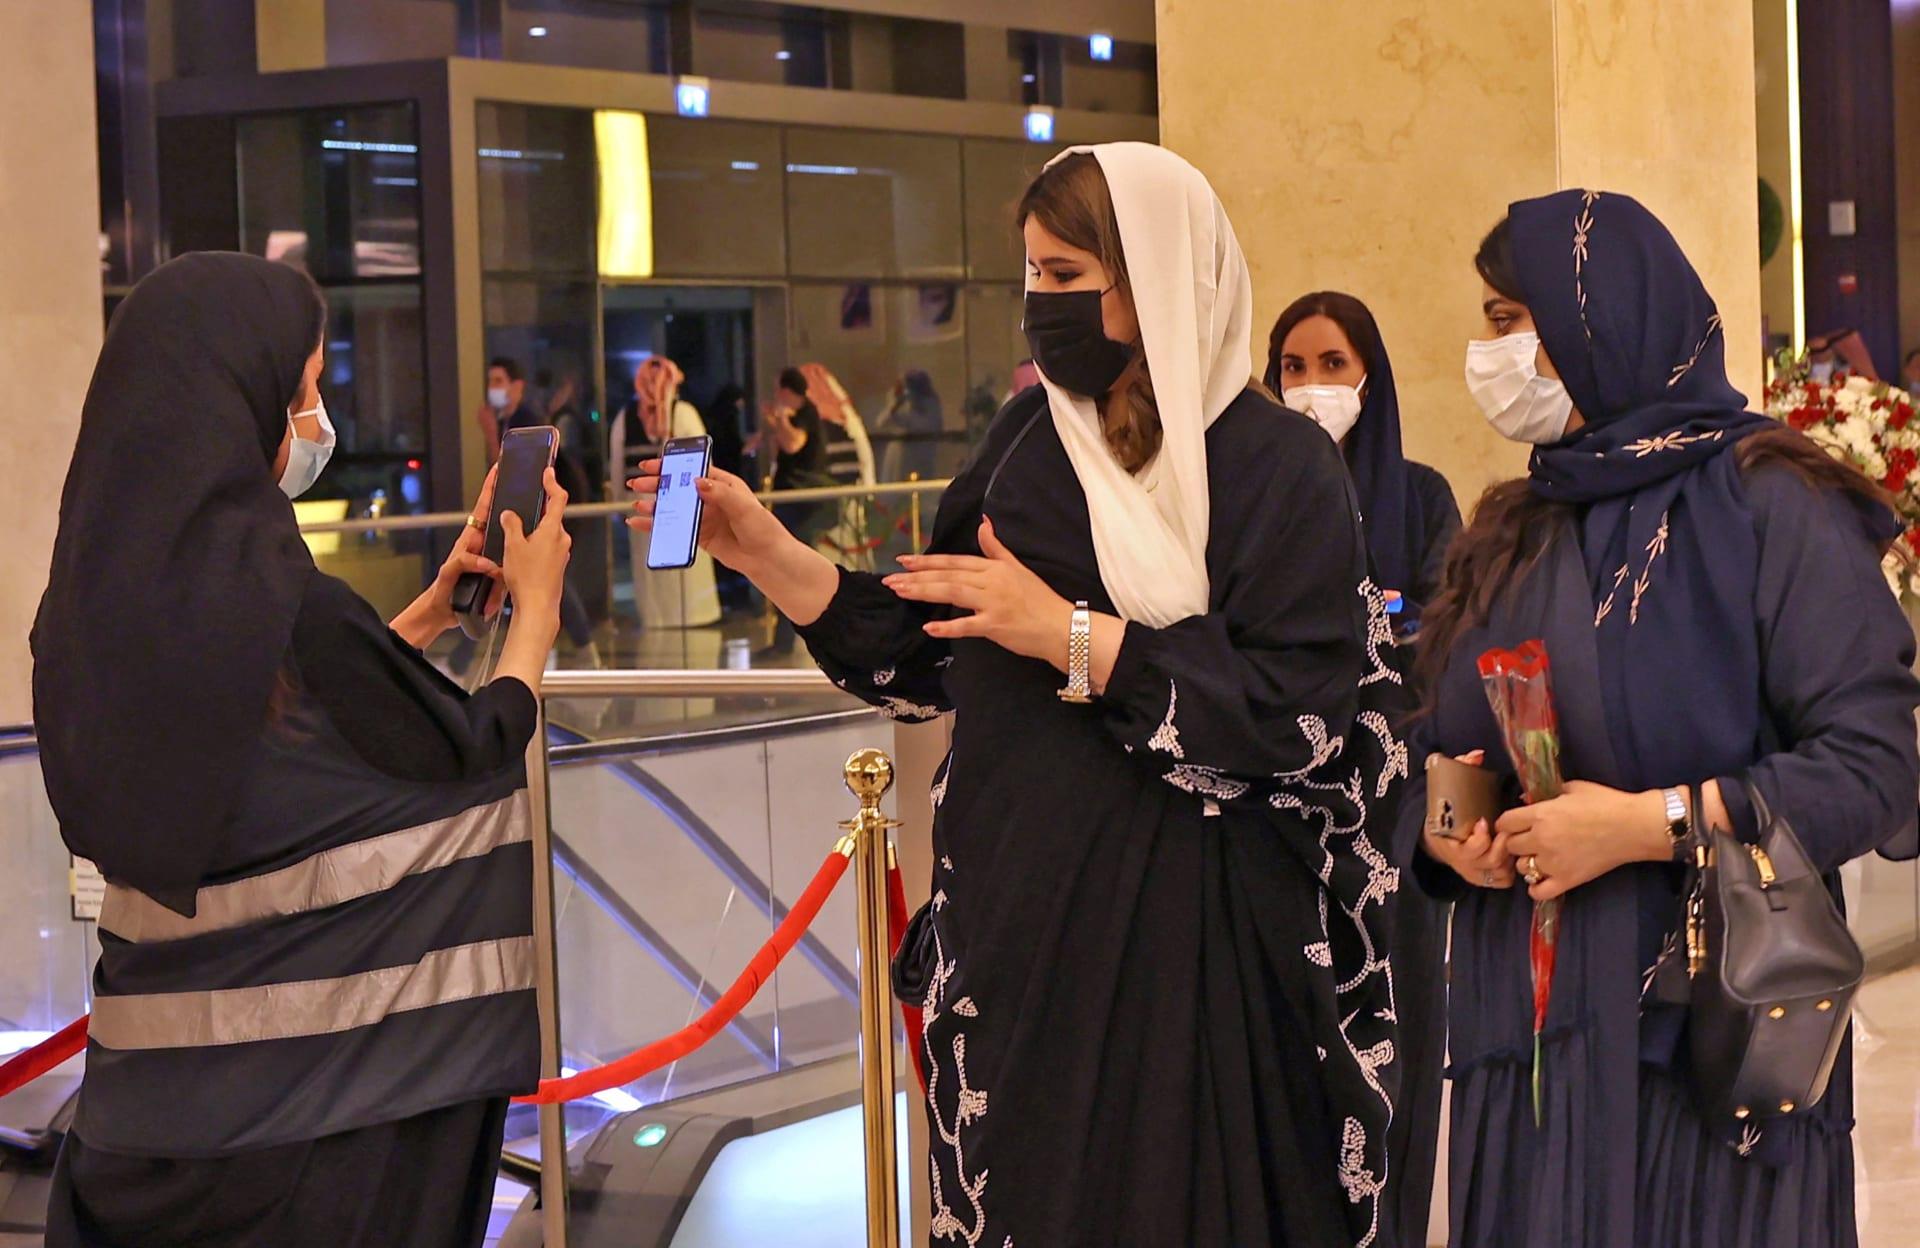 السعودية: الحصول على جرعتي اللقاح شرطًا لدخول الأنشطة والمنشآت وركوب الطائرات